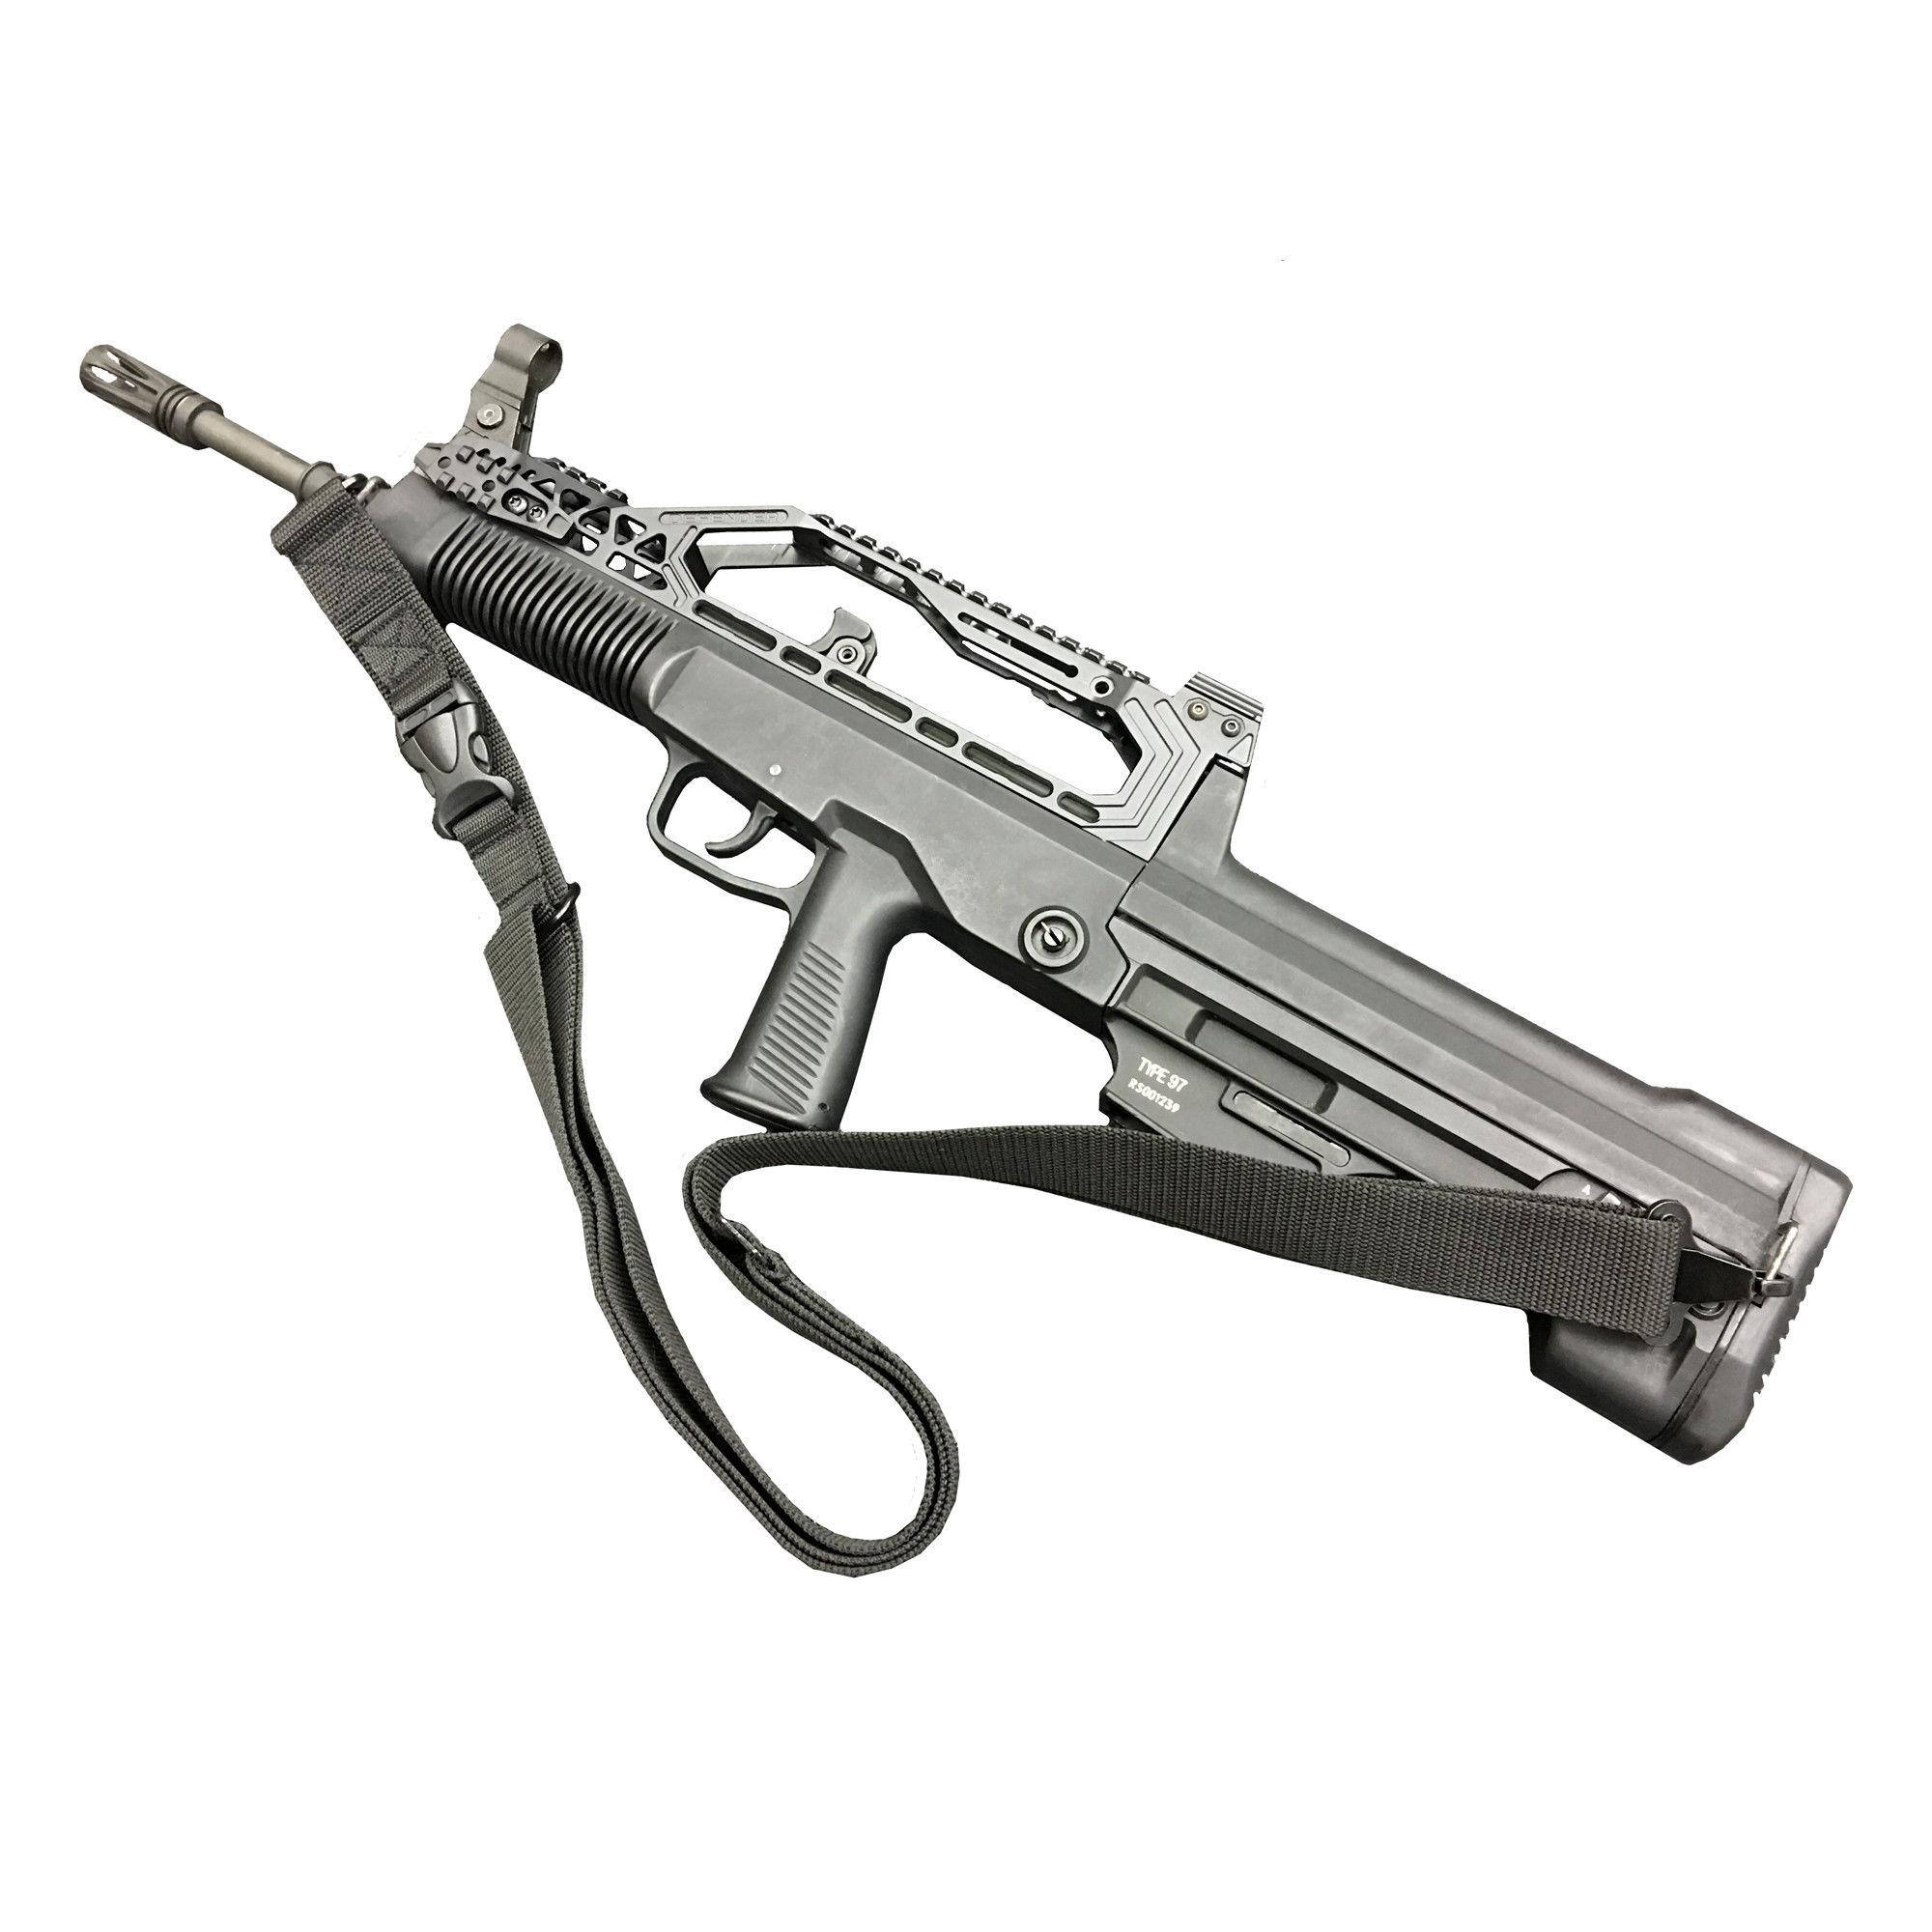 【実物】長弓(ロングボウ)レール 中国人民解放軍 QBZ-95(97)式自動歩銃用レール付きトップカバー